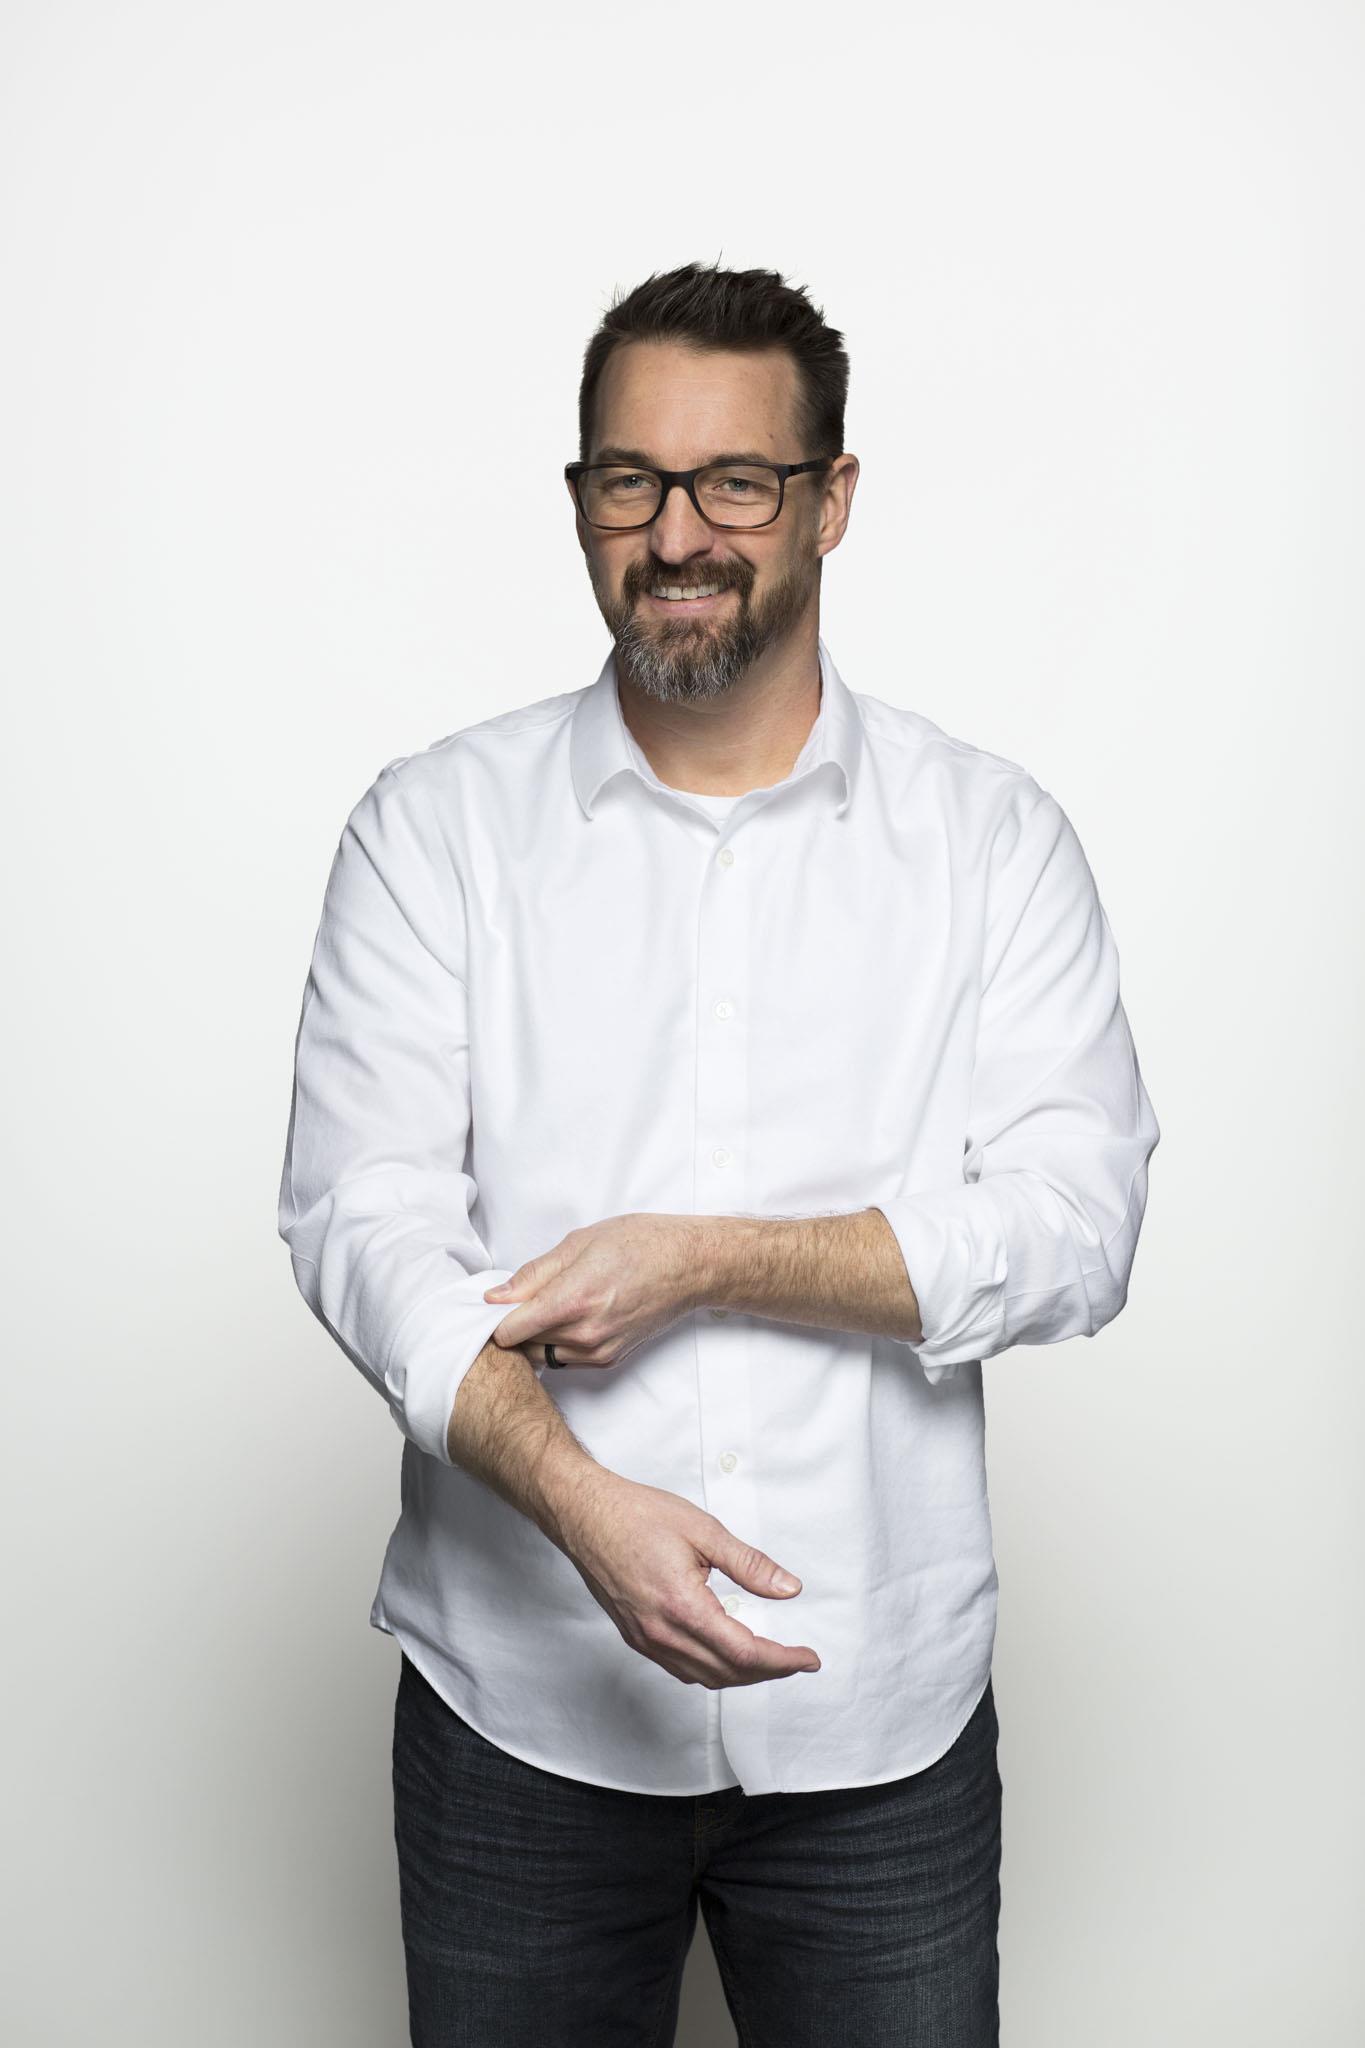 Seth Gunderson